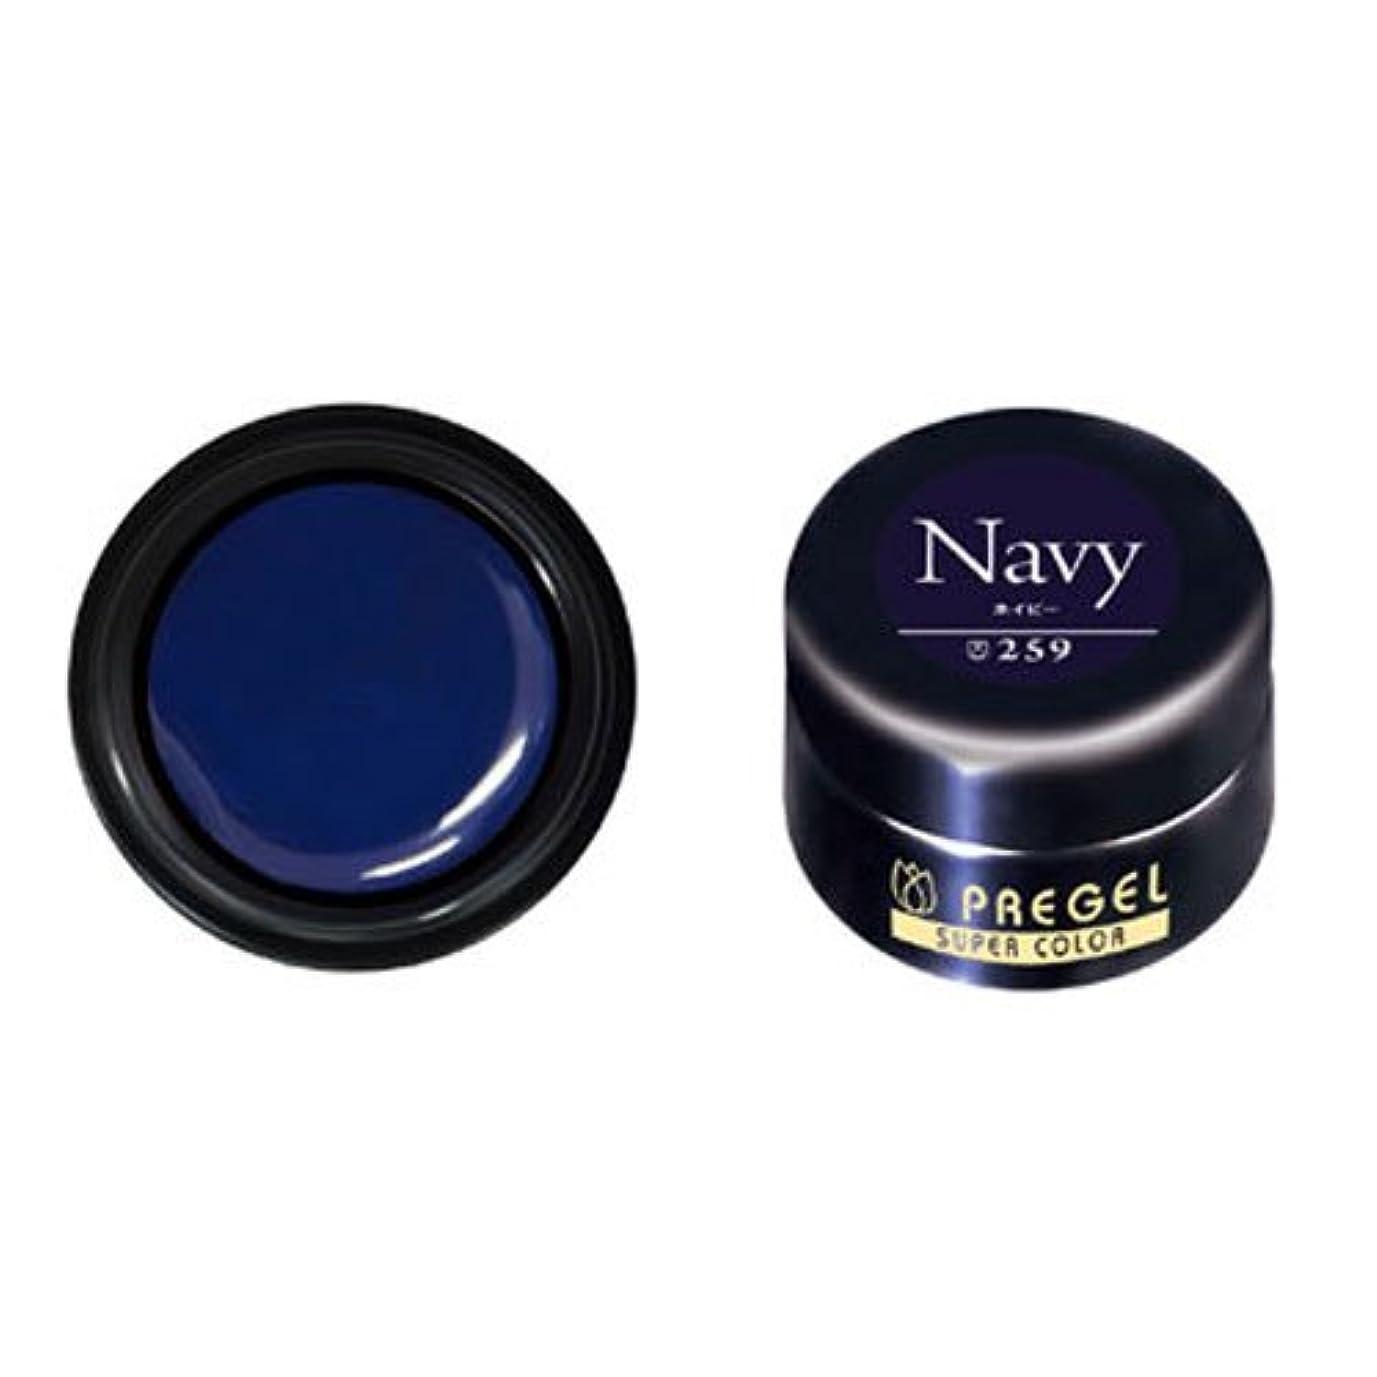 ホバートデータベース安価なプリジェル スーパーカラーEX ネイビー 4g PG-SE259 カラージェル UV/LED対応